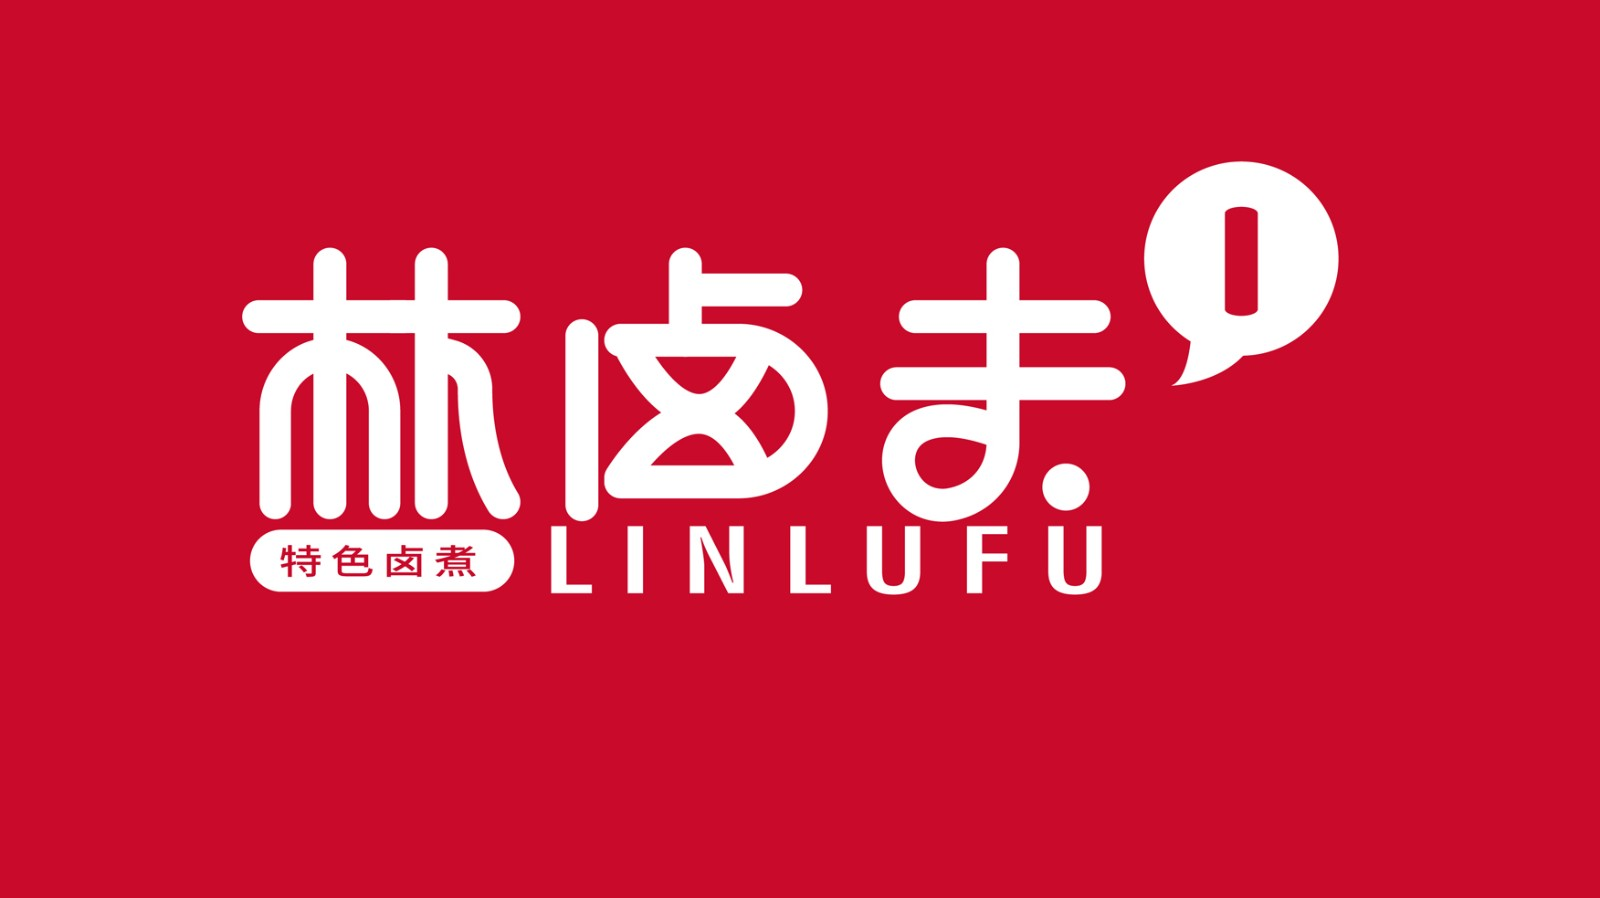 林卤夫_重庆餐饮设计公司【上创品牌策划】